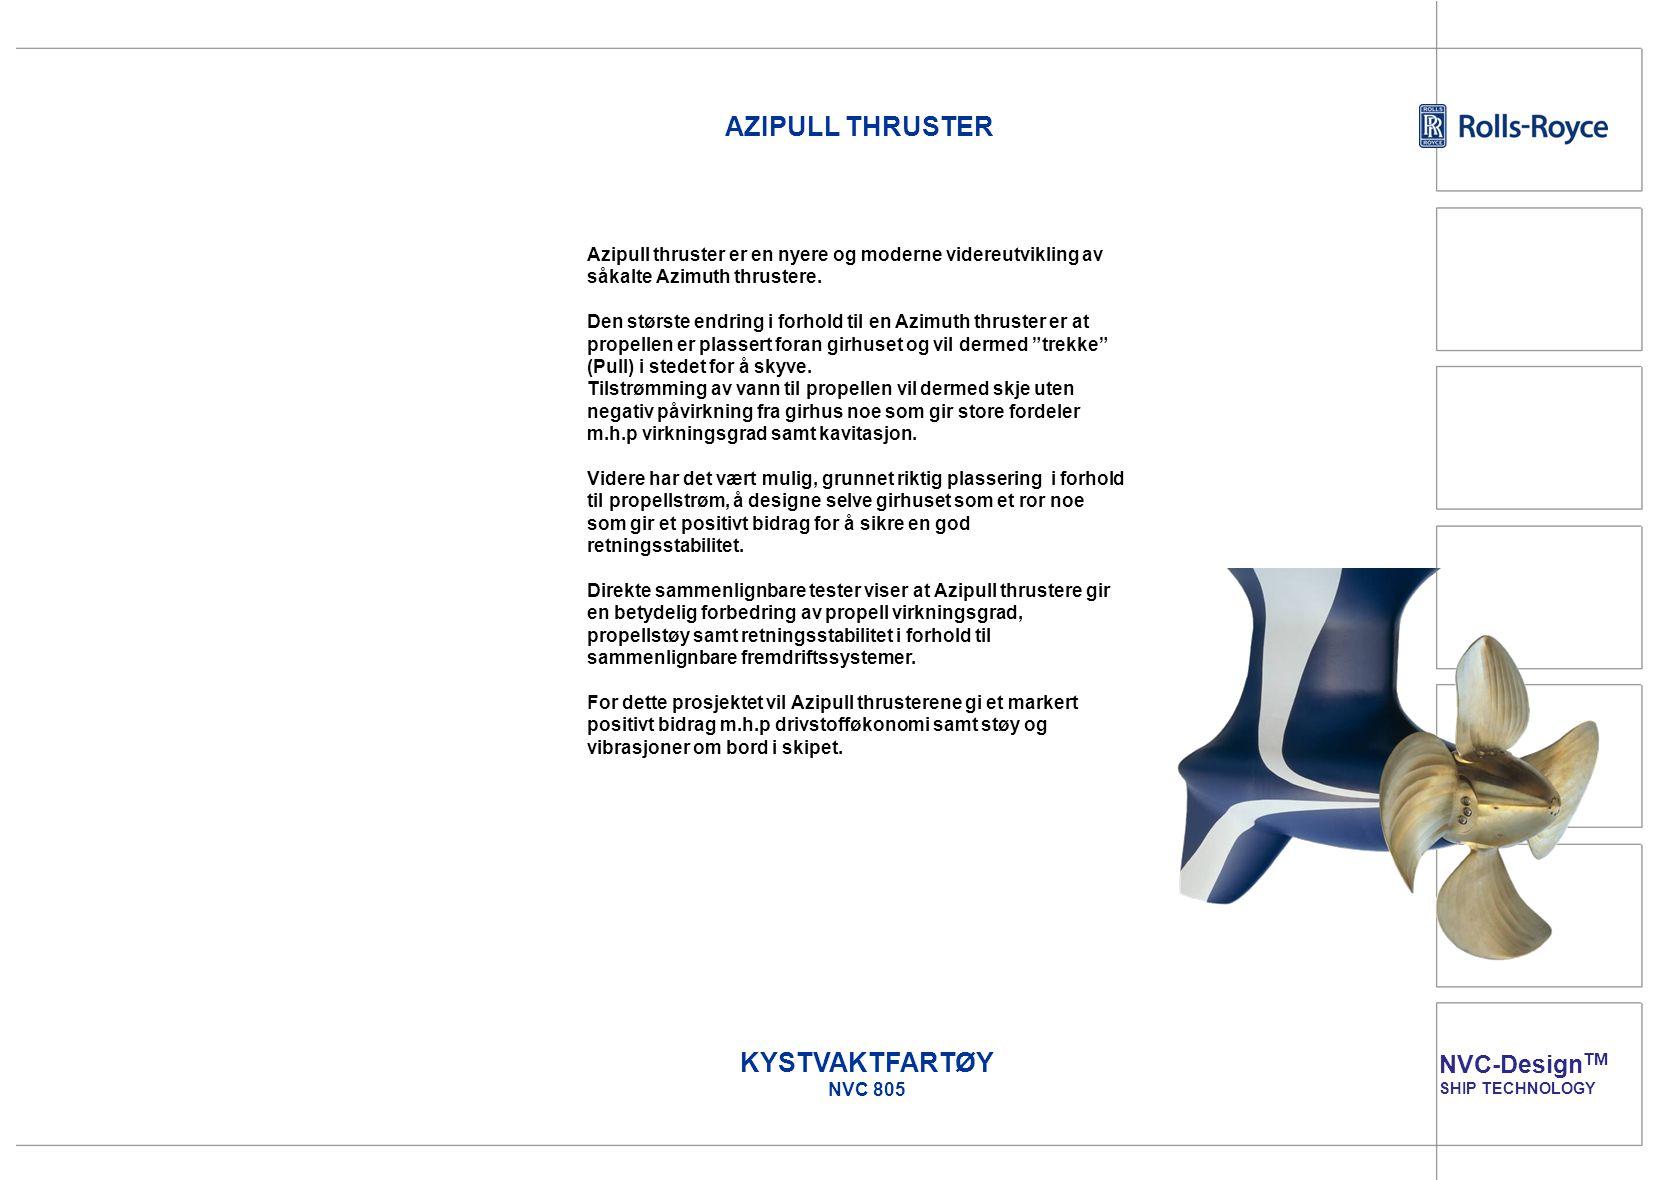 NVC-Design TM SHIP TECHNOLOGY KYSTVAKTFARTØY NVC 805 AZIPULL THRUSTER Azipull thruster er en nyere og moderne videreutvikling av såkalte Azimuth thrus